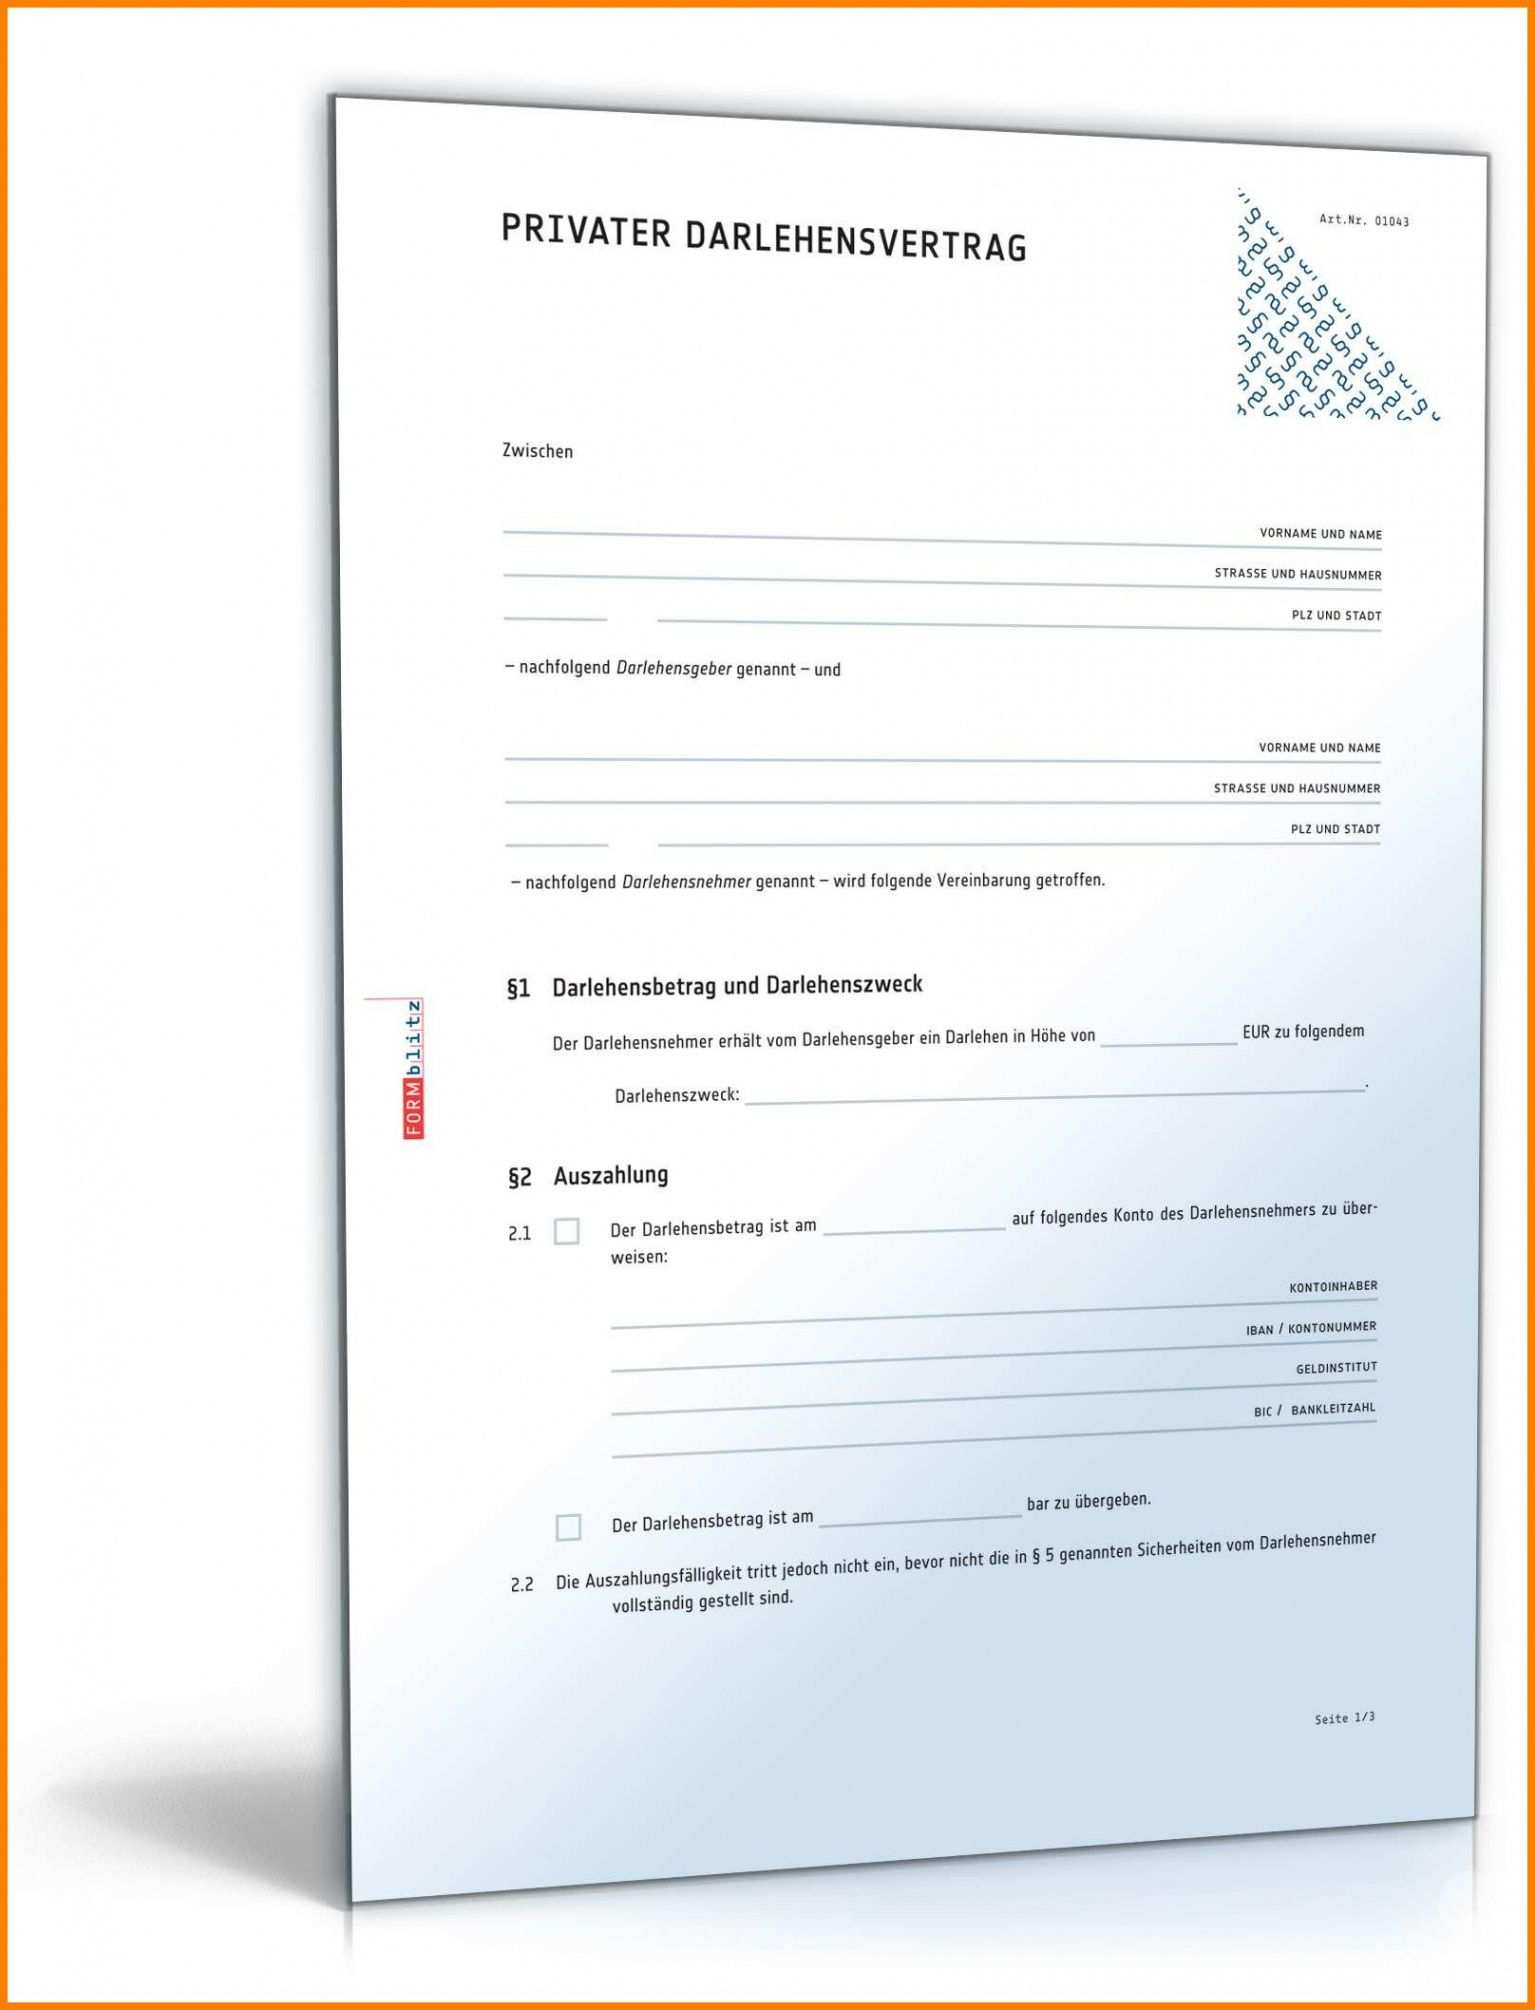 Barter Vereinbarung Vorlage In 2020 Vorlagen Word Lebenslauf Vorlagen Lebenslauf